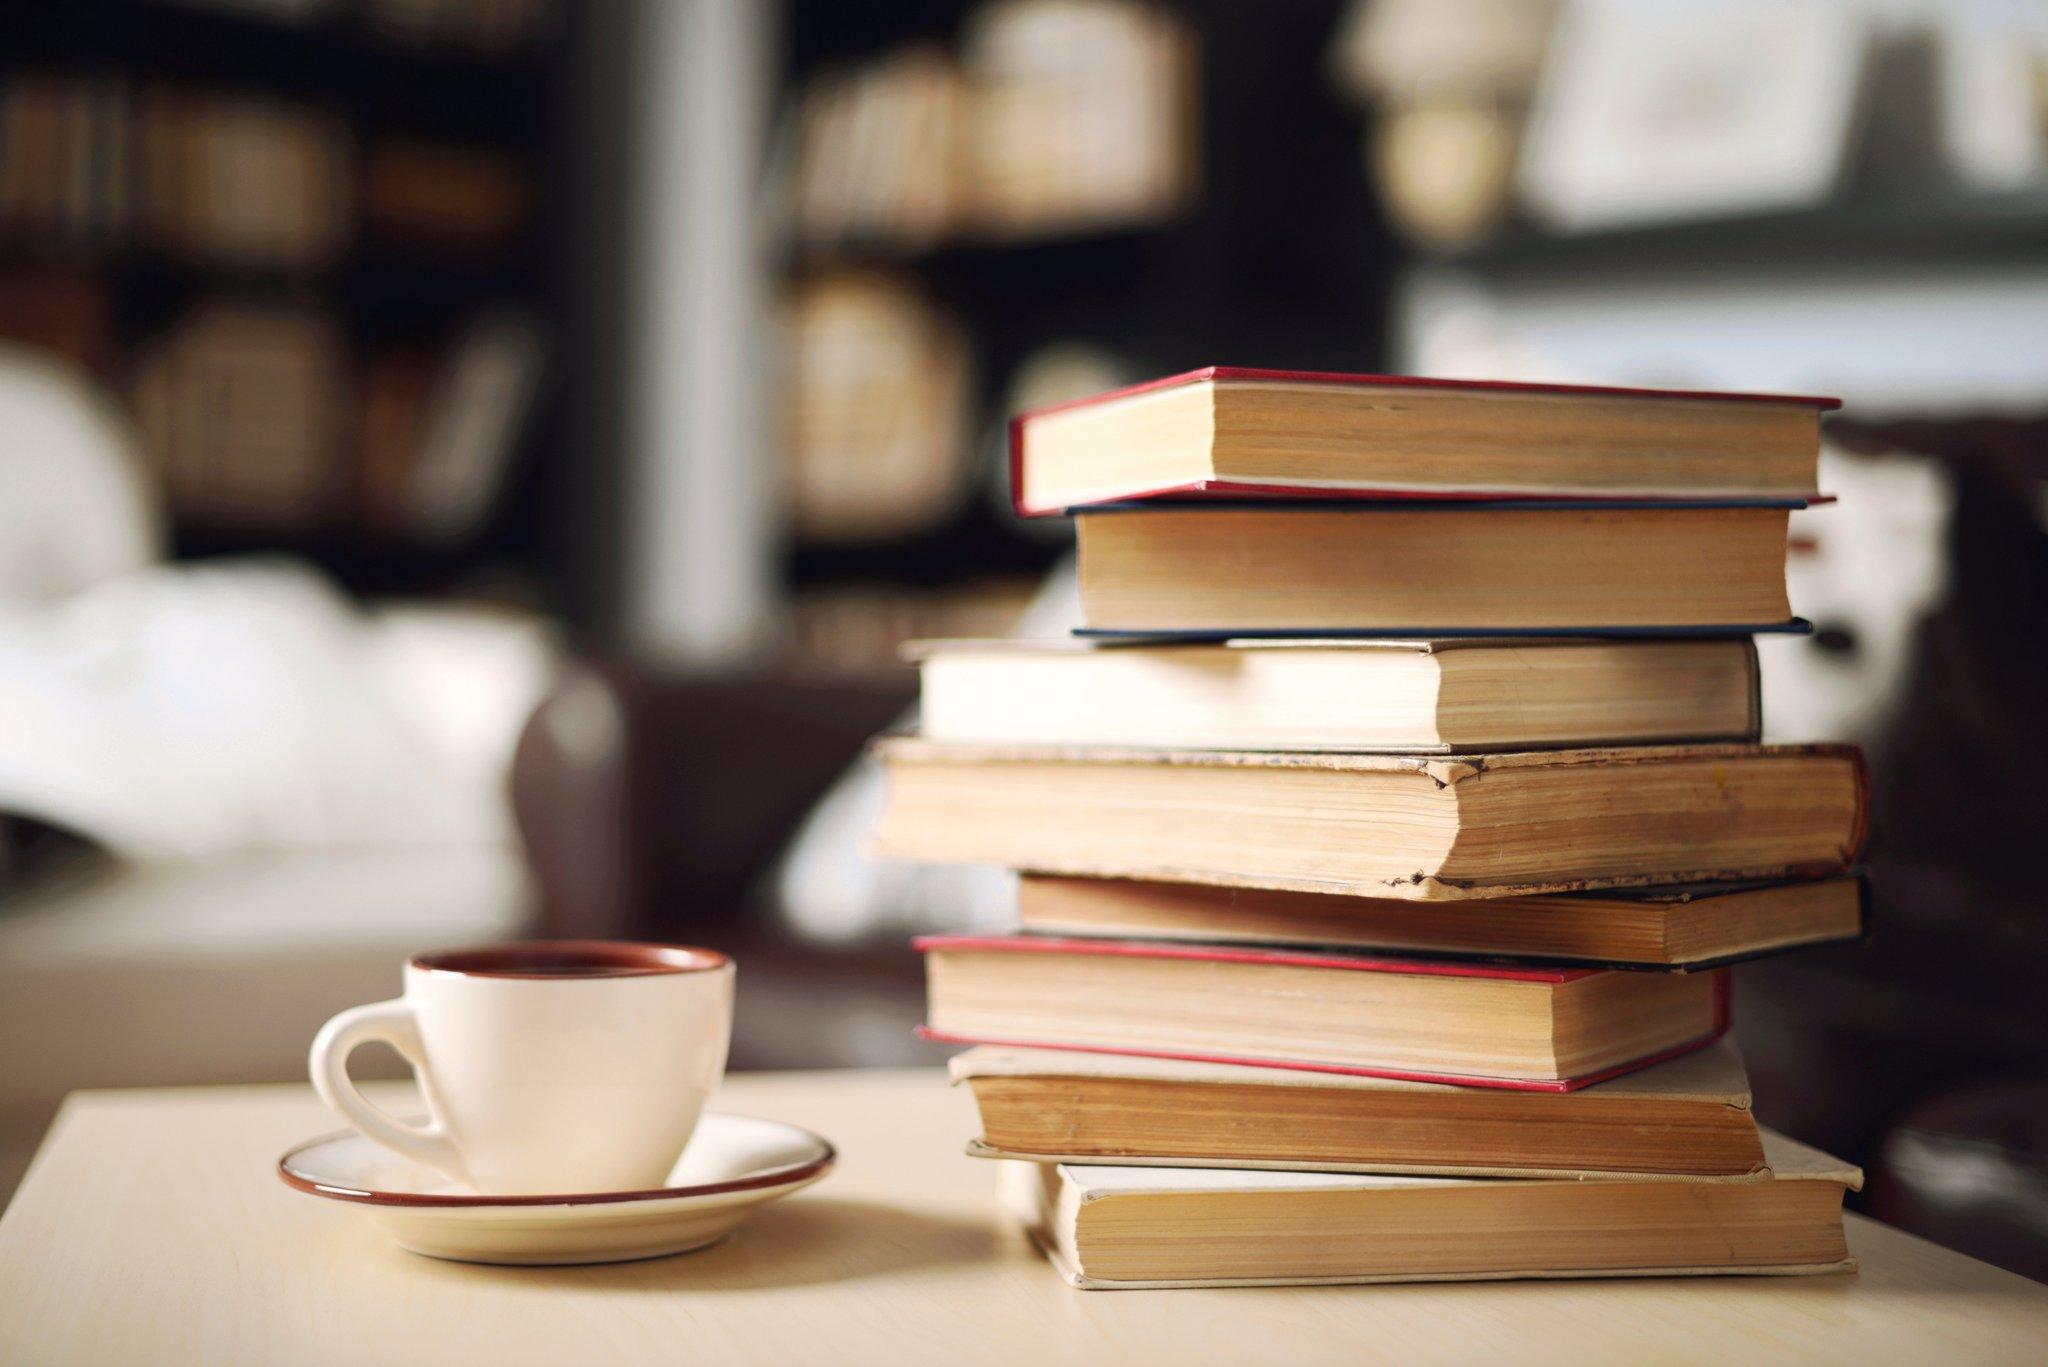 Открытку онлайн, книг картинки